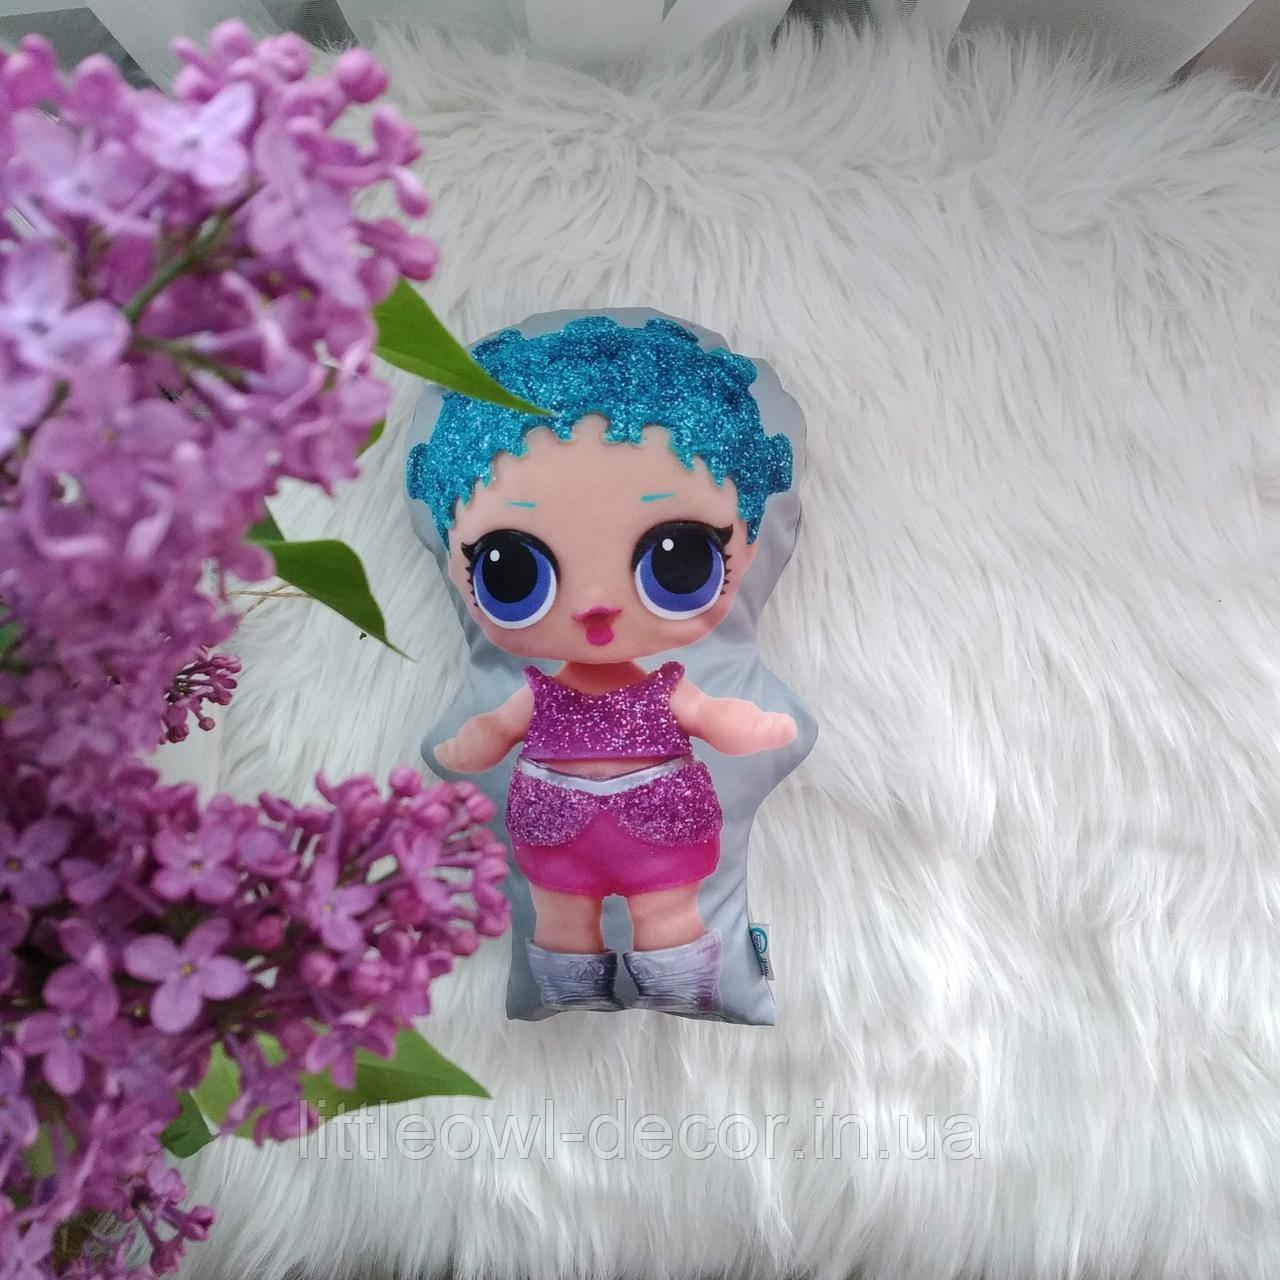 Подушка кукла Лолита бирюза 30см